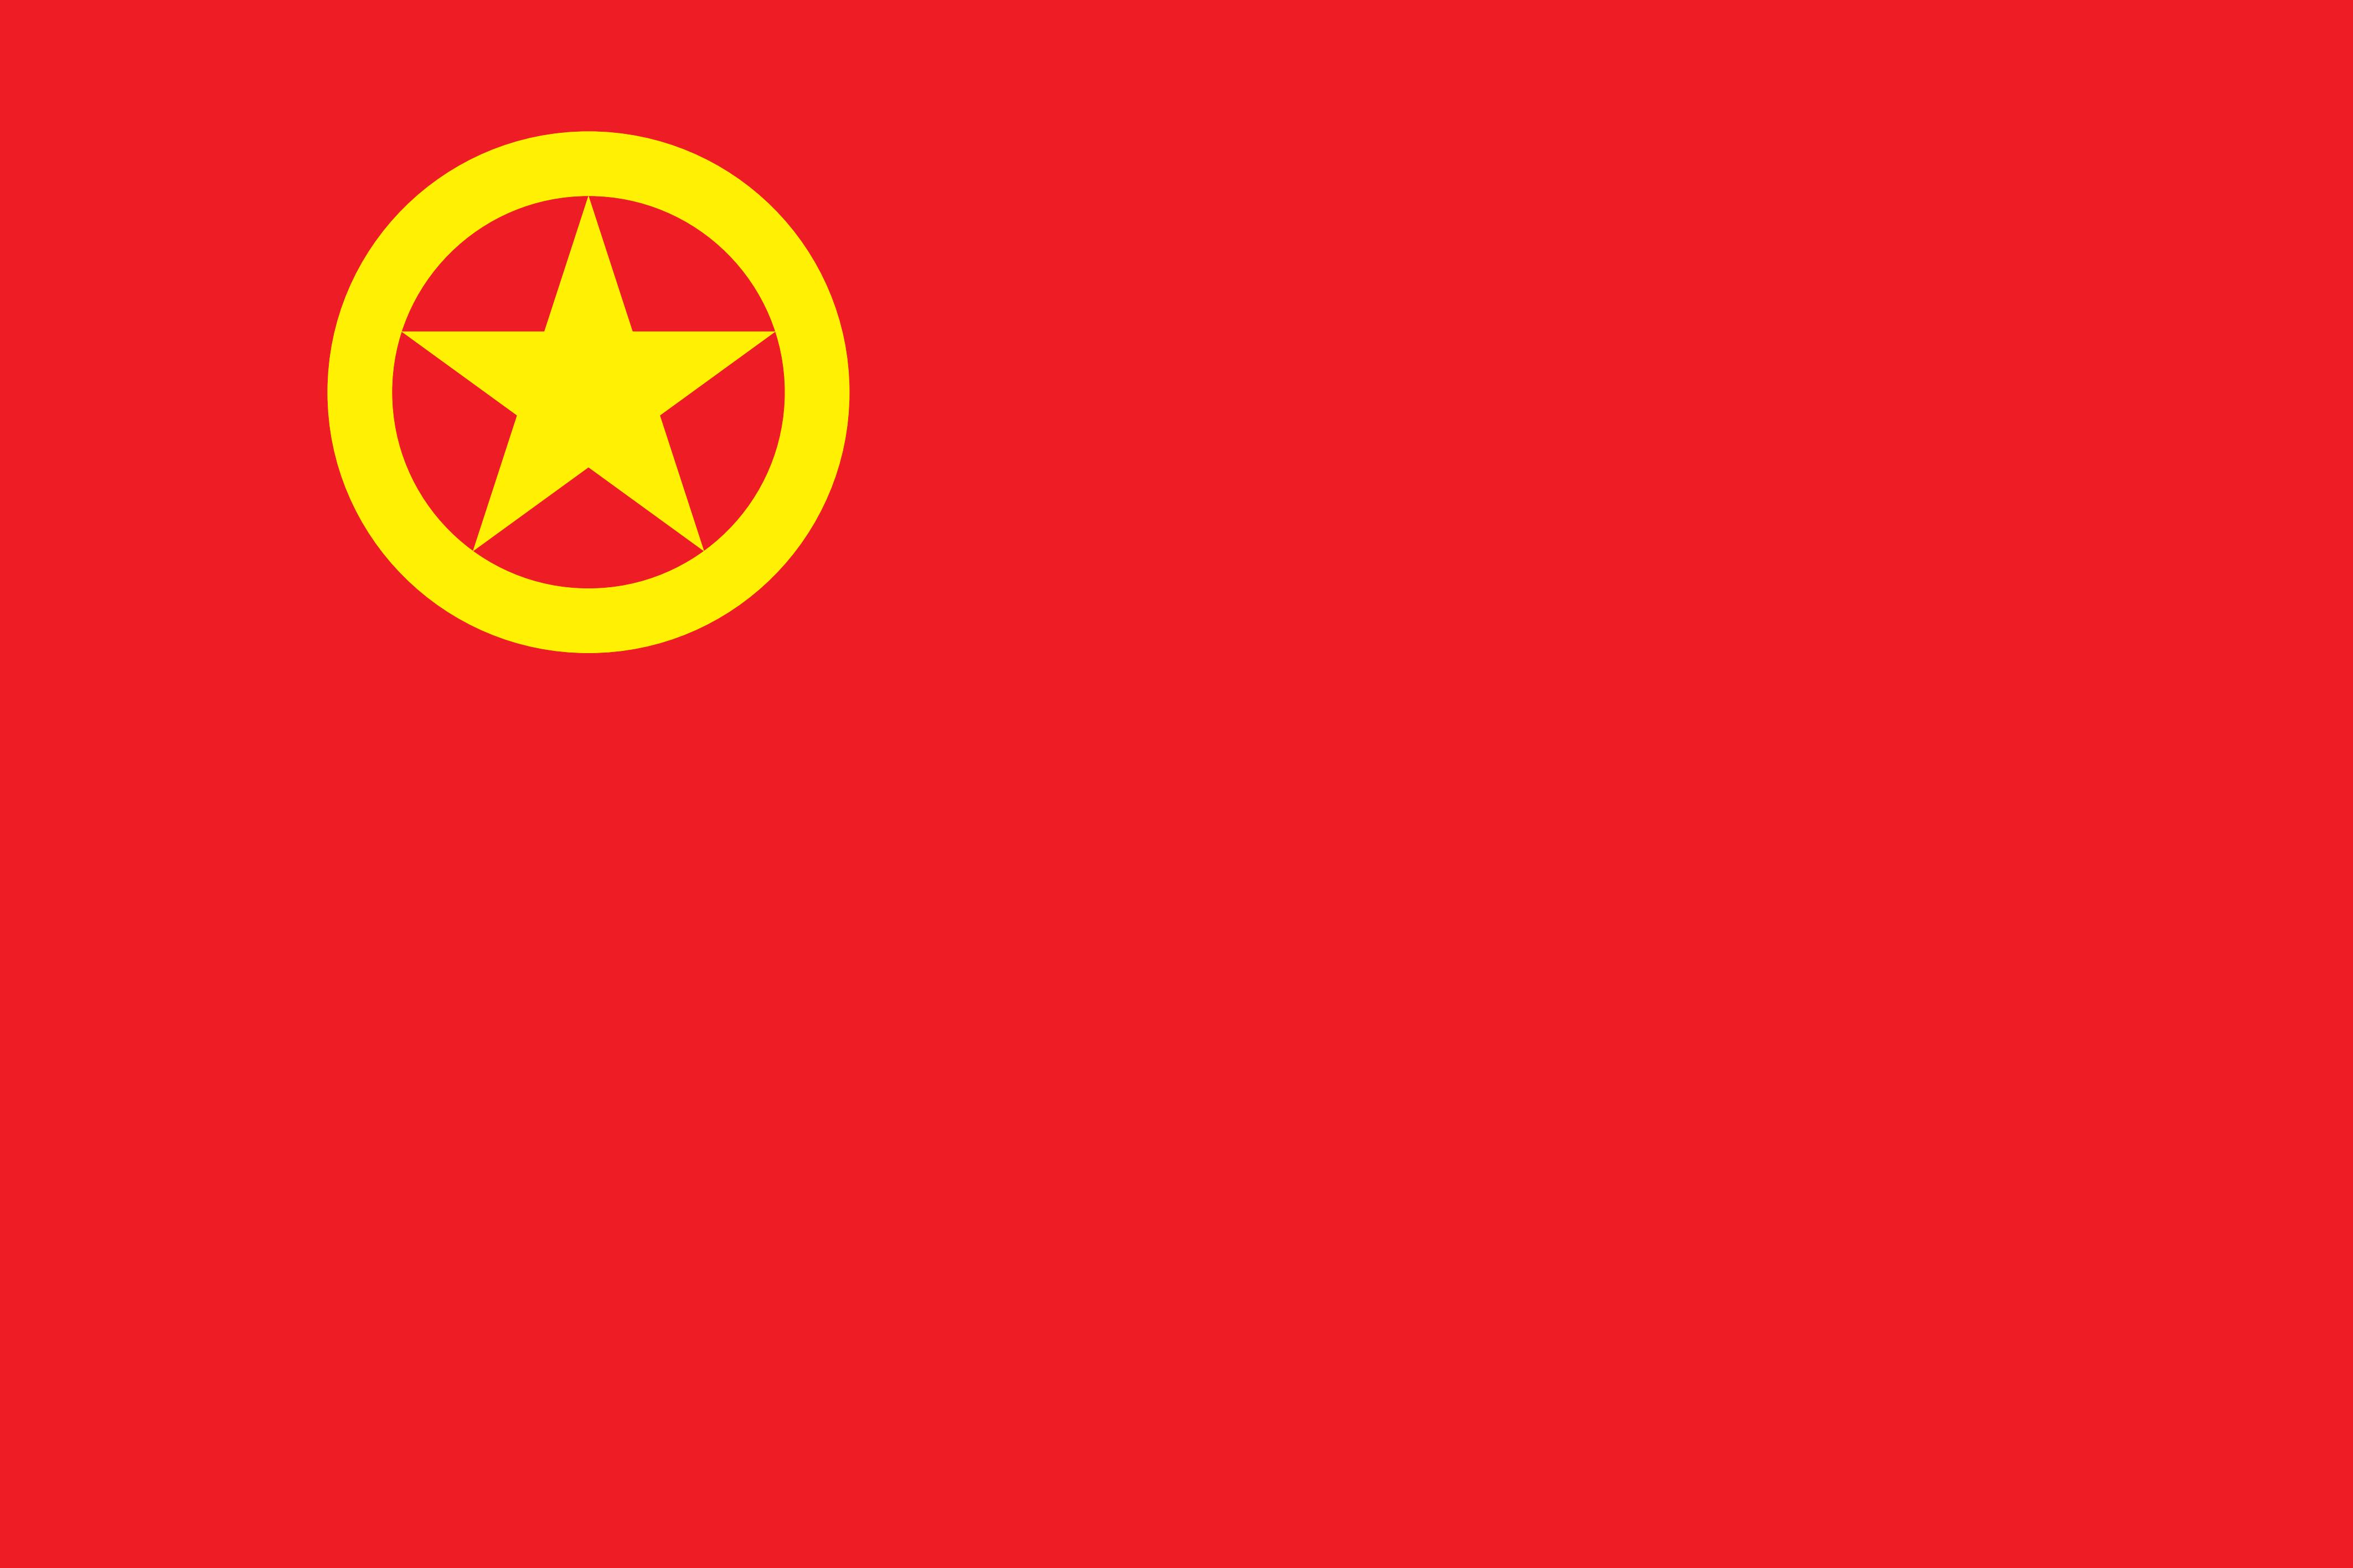 用 tikz 绘制团旗